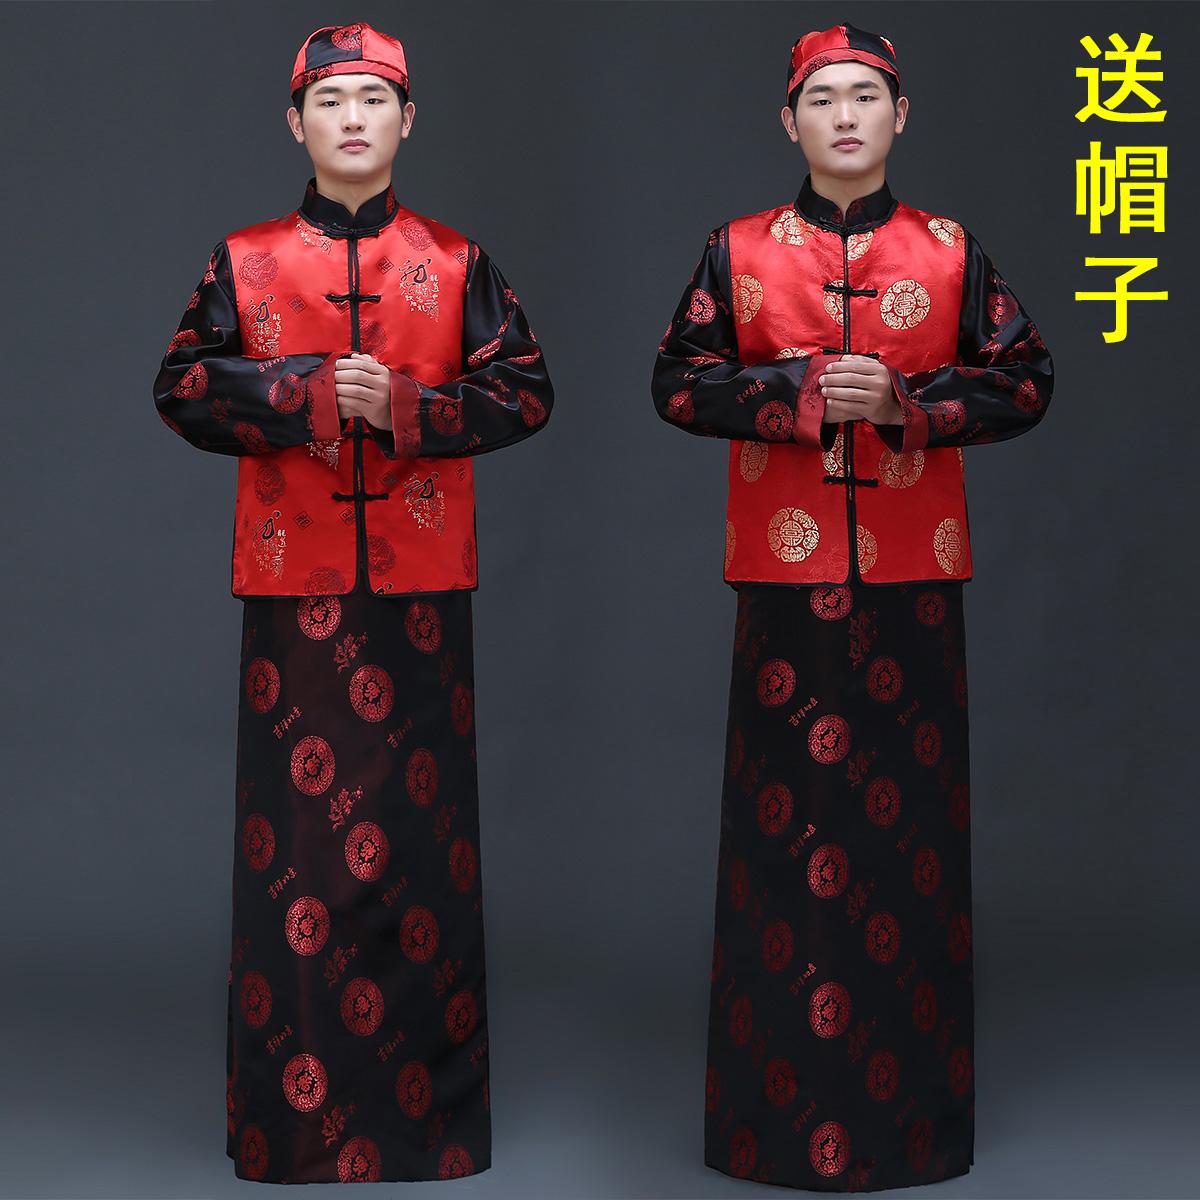 Китайский стиль выйти замуж платья отдел инструмент одежда жених красивый зерна одежда мужской лошадь пальто долго рубашка уважение ликер одежда господь держать человек костюм древний наряд